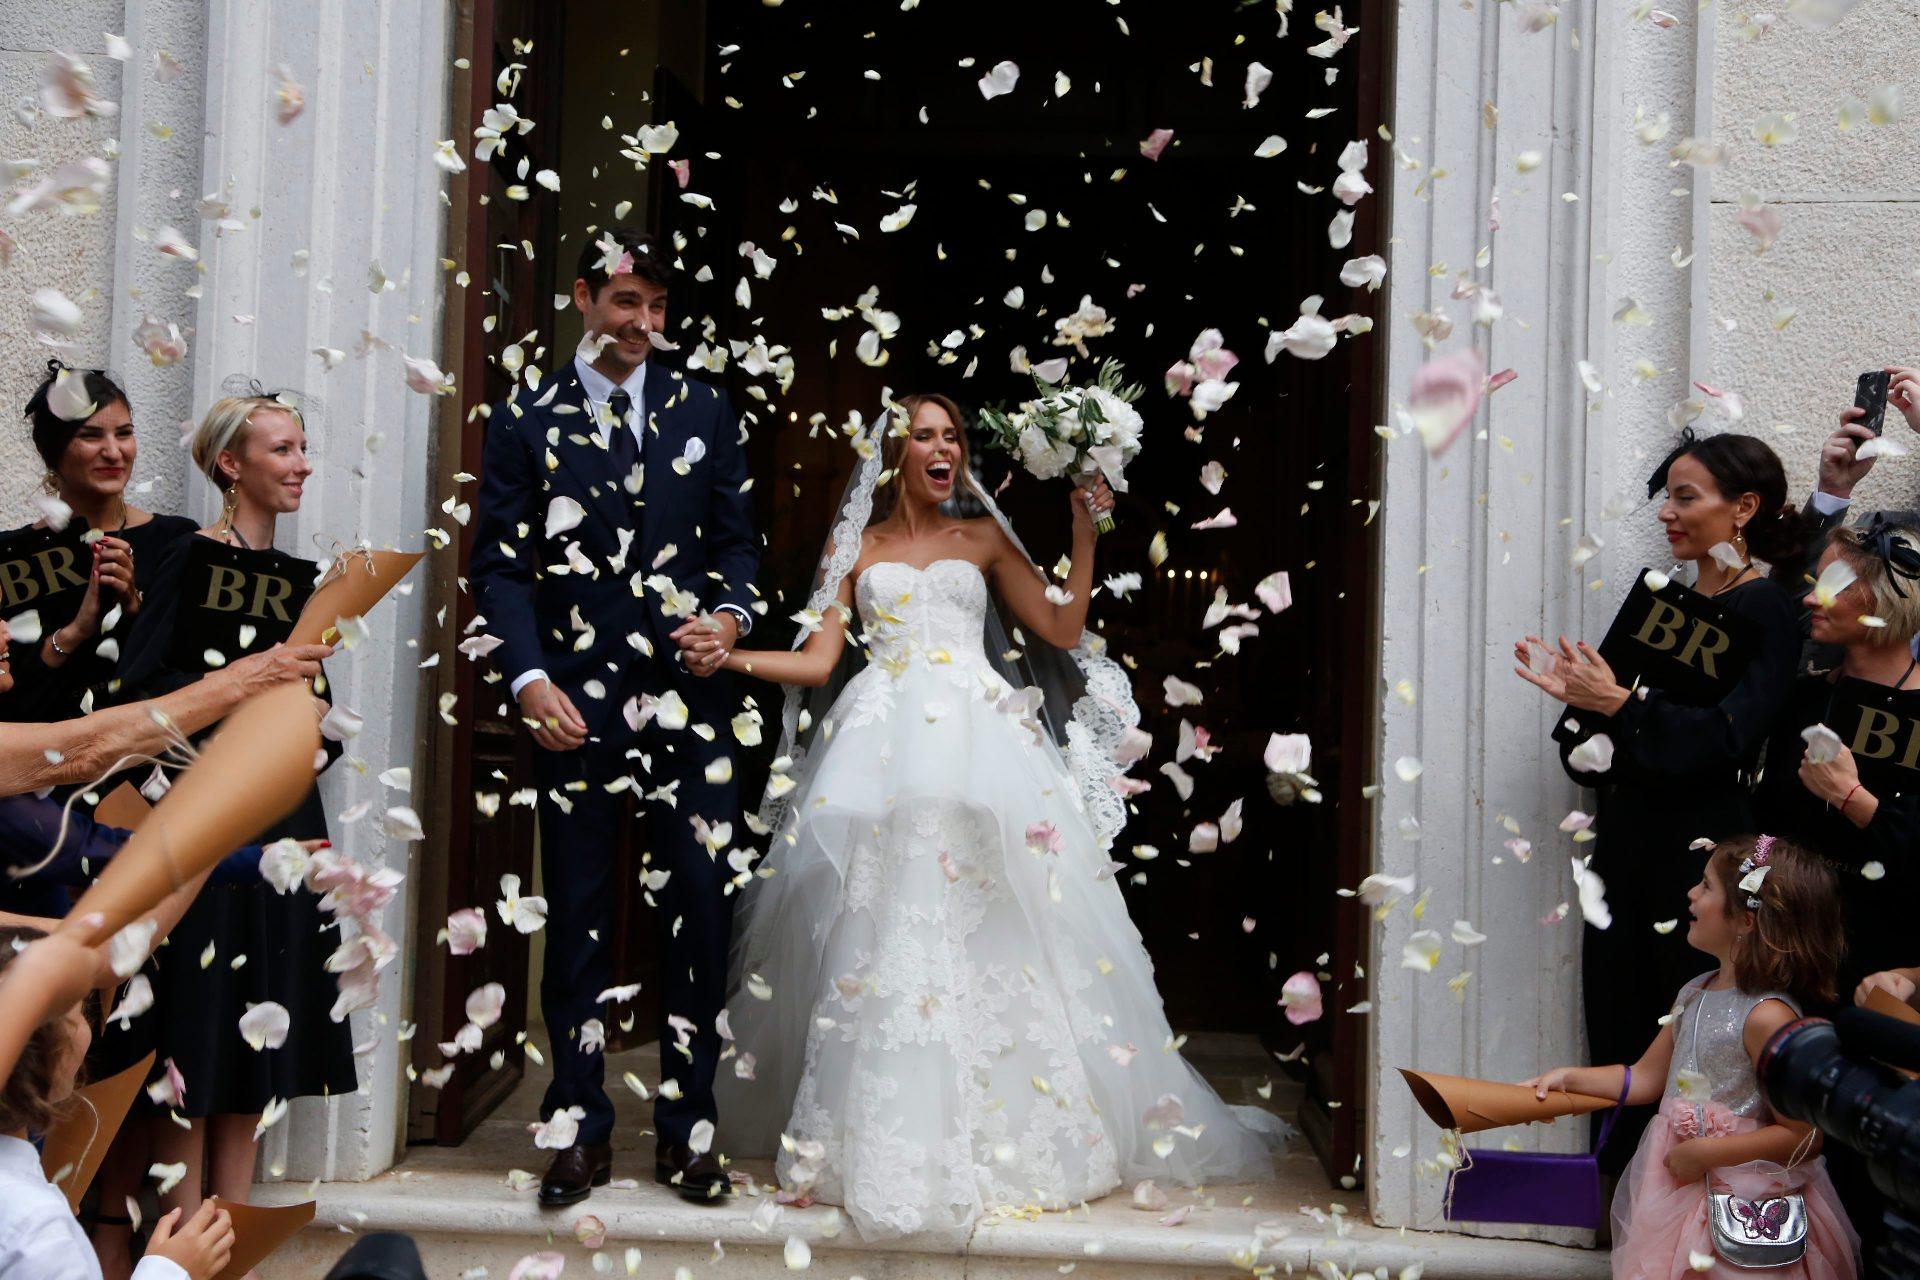 Bale, 210718. Pjevacica Franka Batelic i nogometas Vedran Corluka izmijenili su danas vjencane zavjete u crkvi sv. Petra u malom istarskom gradu Bale. Na fotografiji: Vedran Corluka i Franka Batelic. Foto: Goran Sebelic  / CROPIX